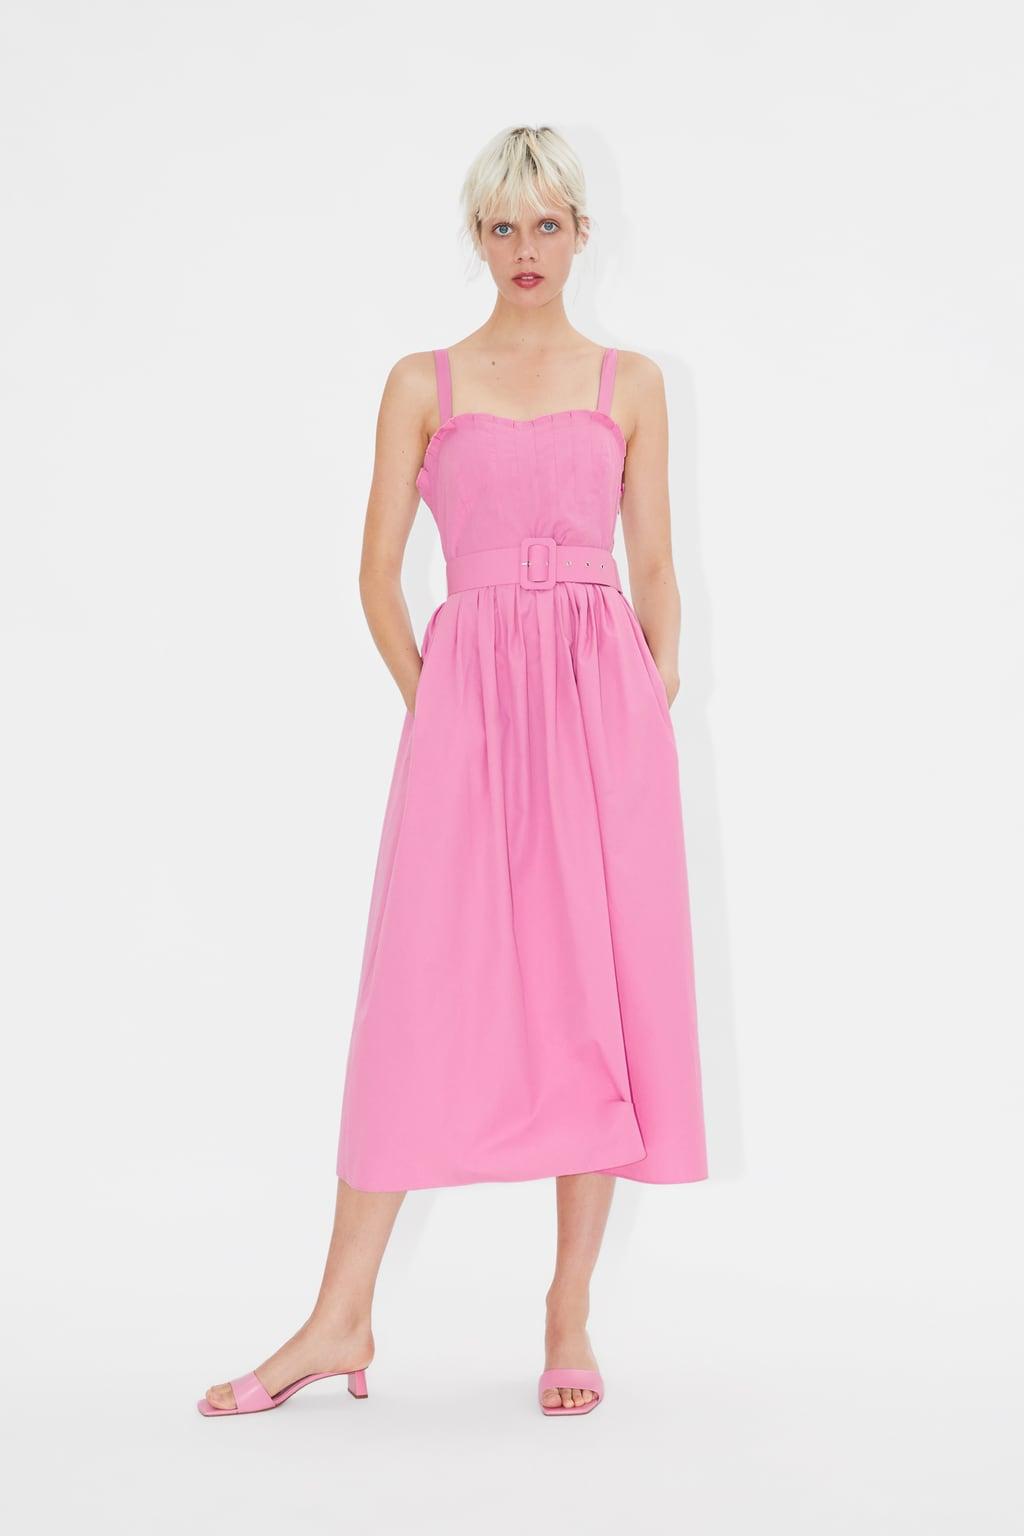 a638e5f05 Zara: Este es el vestido más bonito de su catálogo y a precio de ...